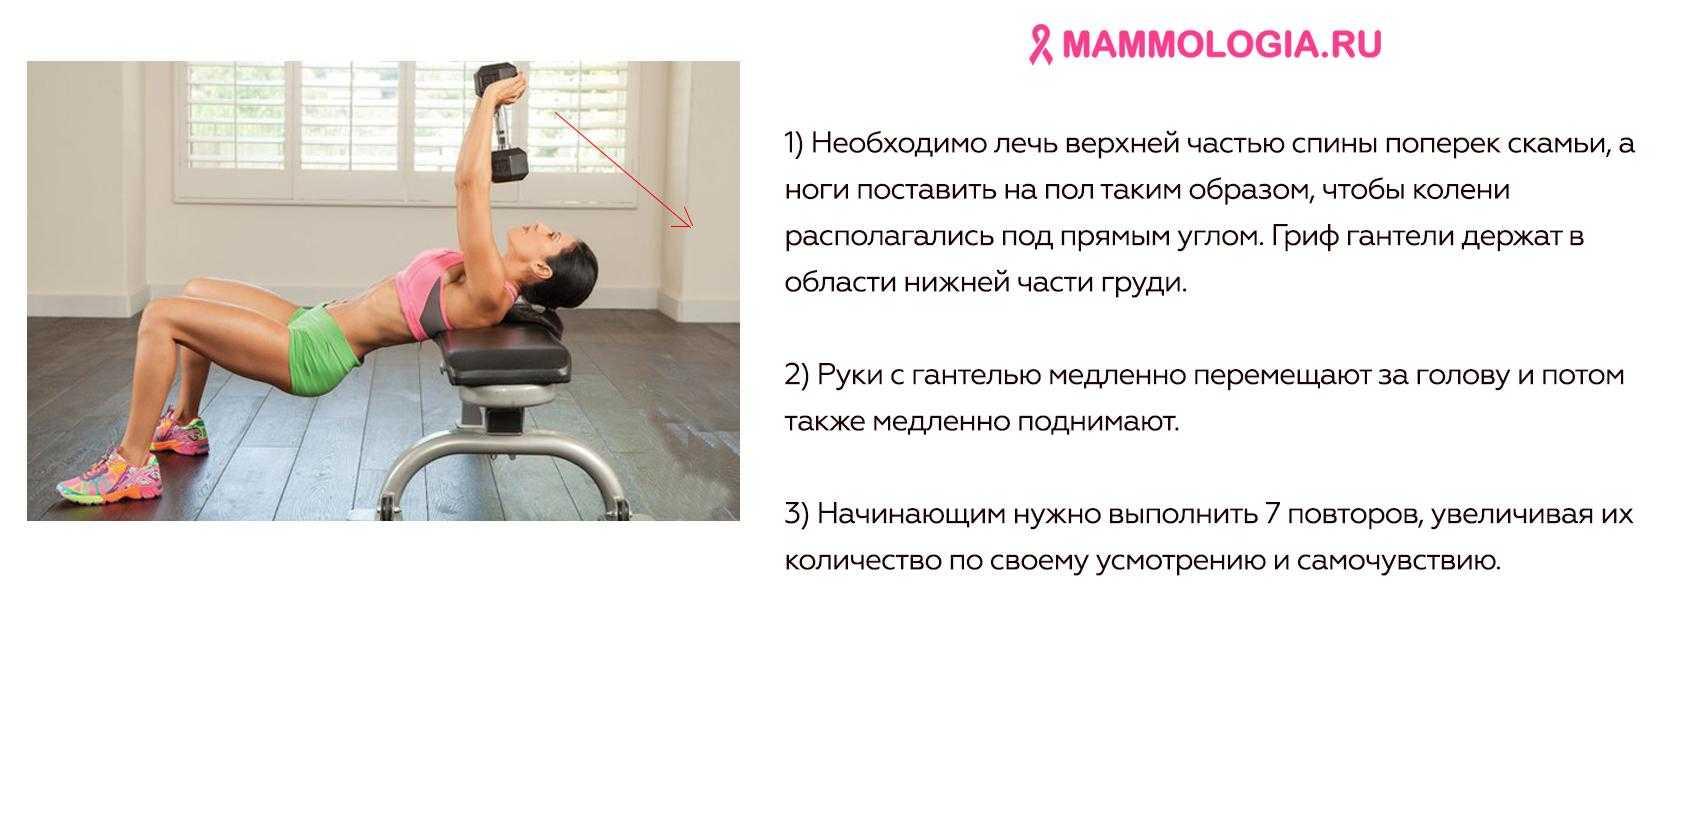 Выполнение жима Свенда ранее было популярным среди атлетов Упражнение направлено на прокачку грудных мышц Разбираем технику, вариации и важные нюансы